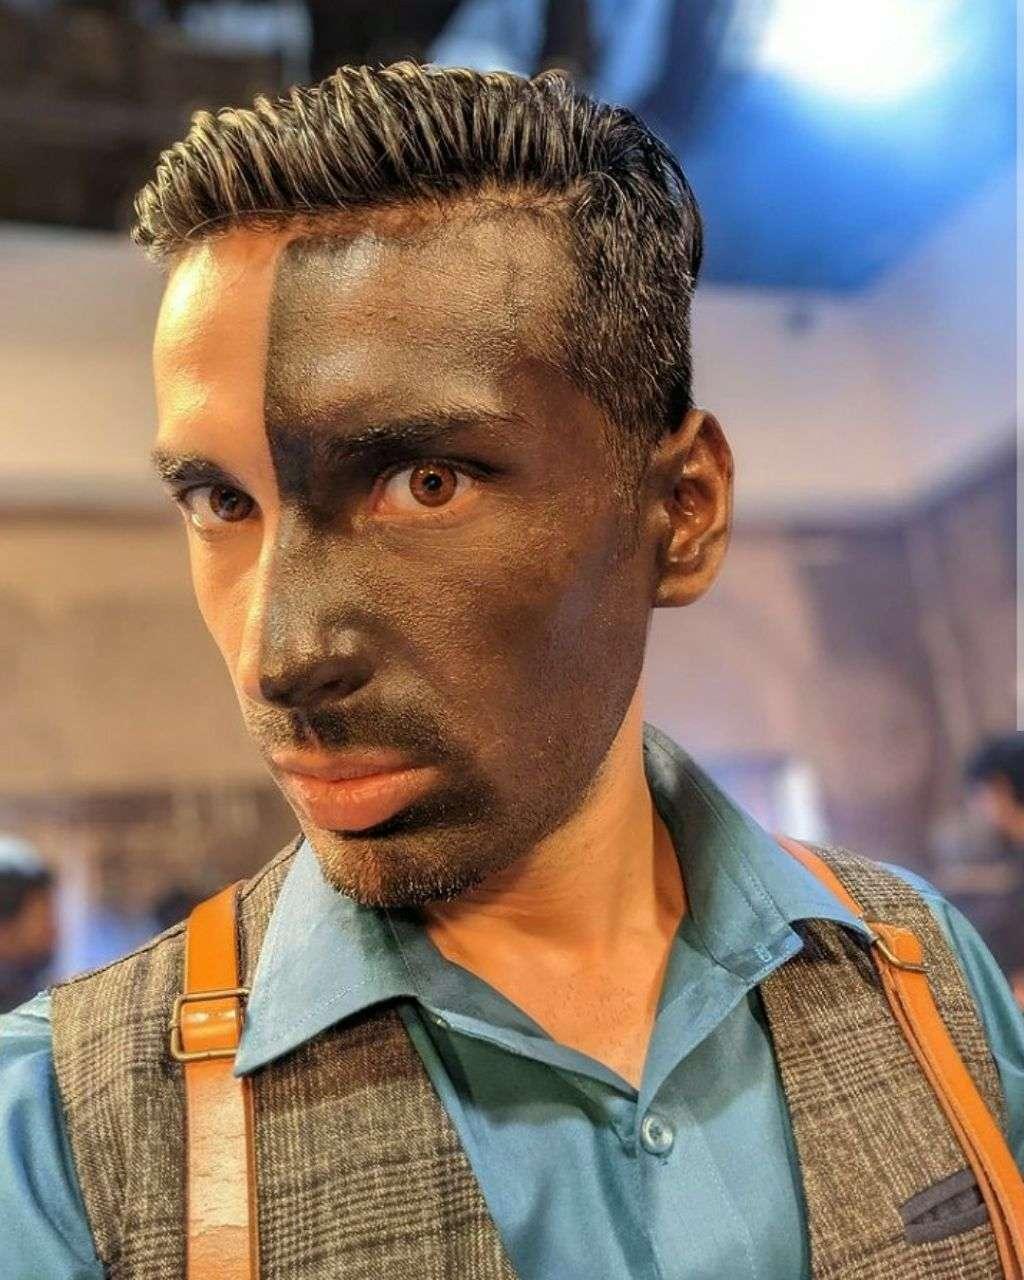 जय माथुर के पेट में घुसा जादुई खंजर, मोहित सहगल ने शेयर की यह तस्वीरें